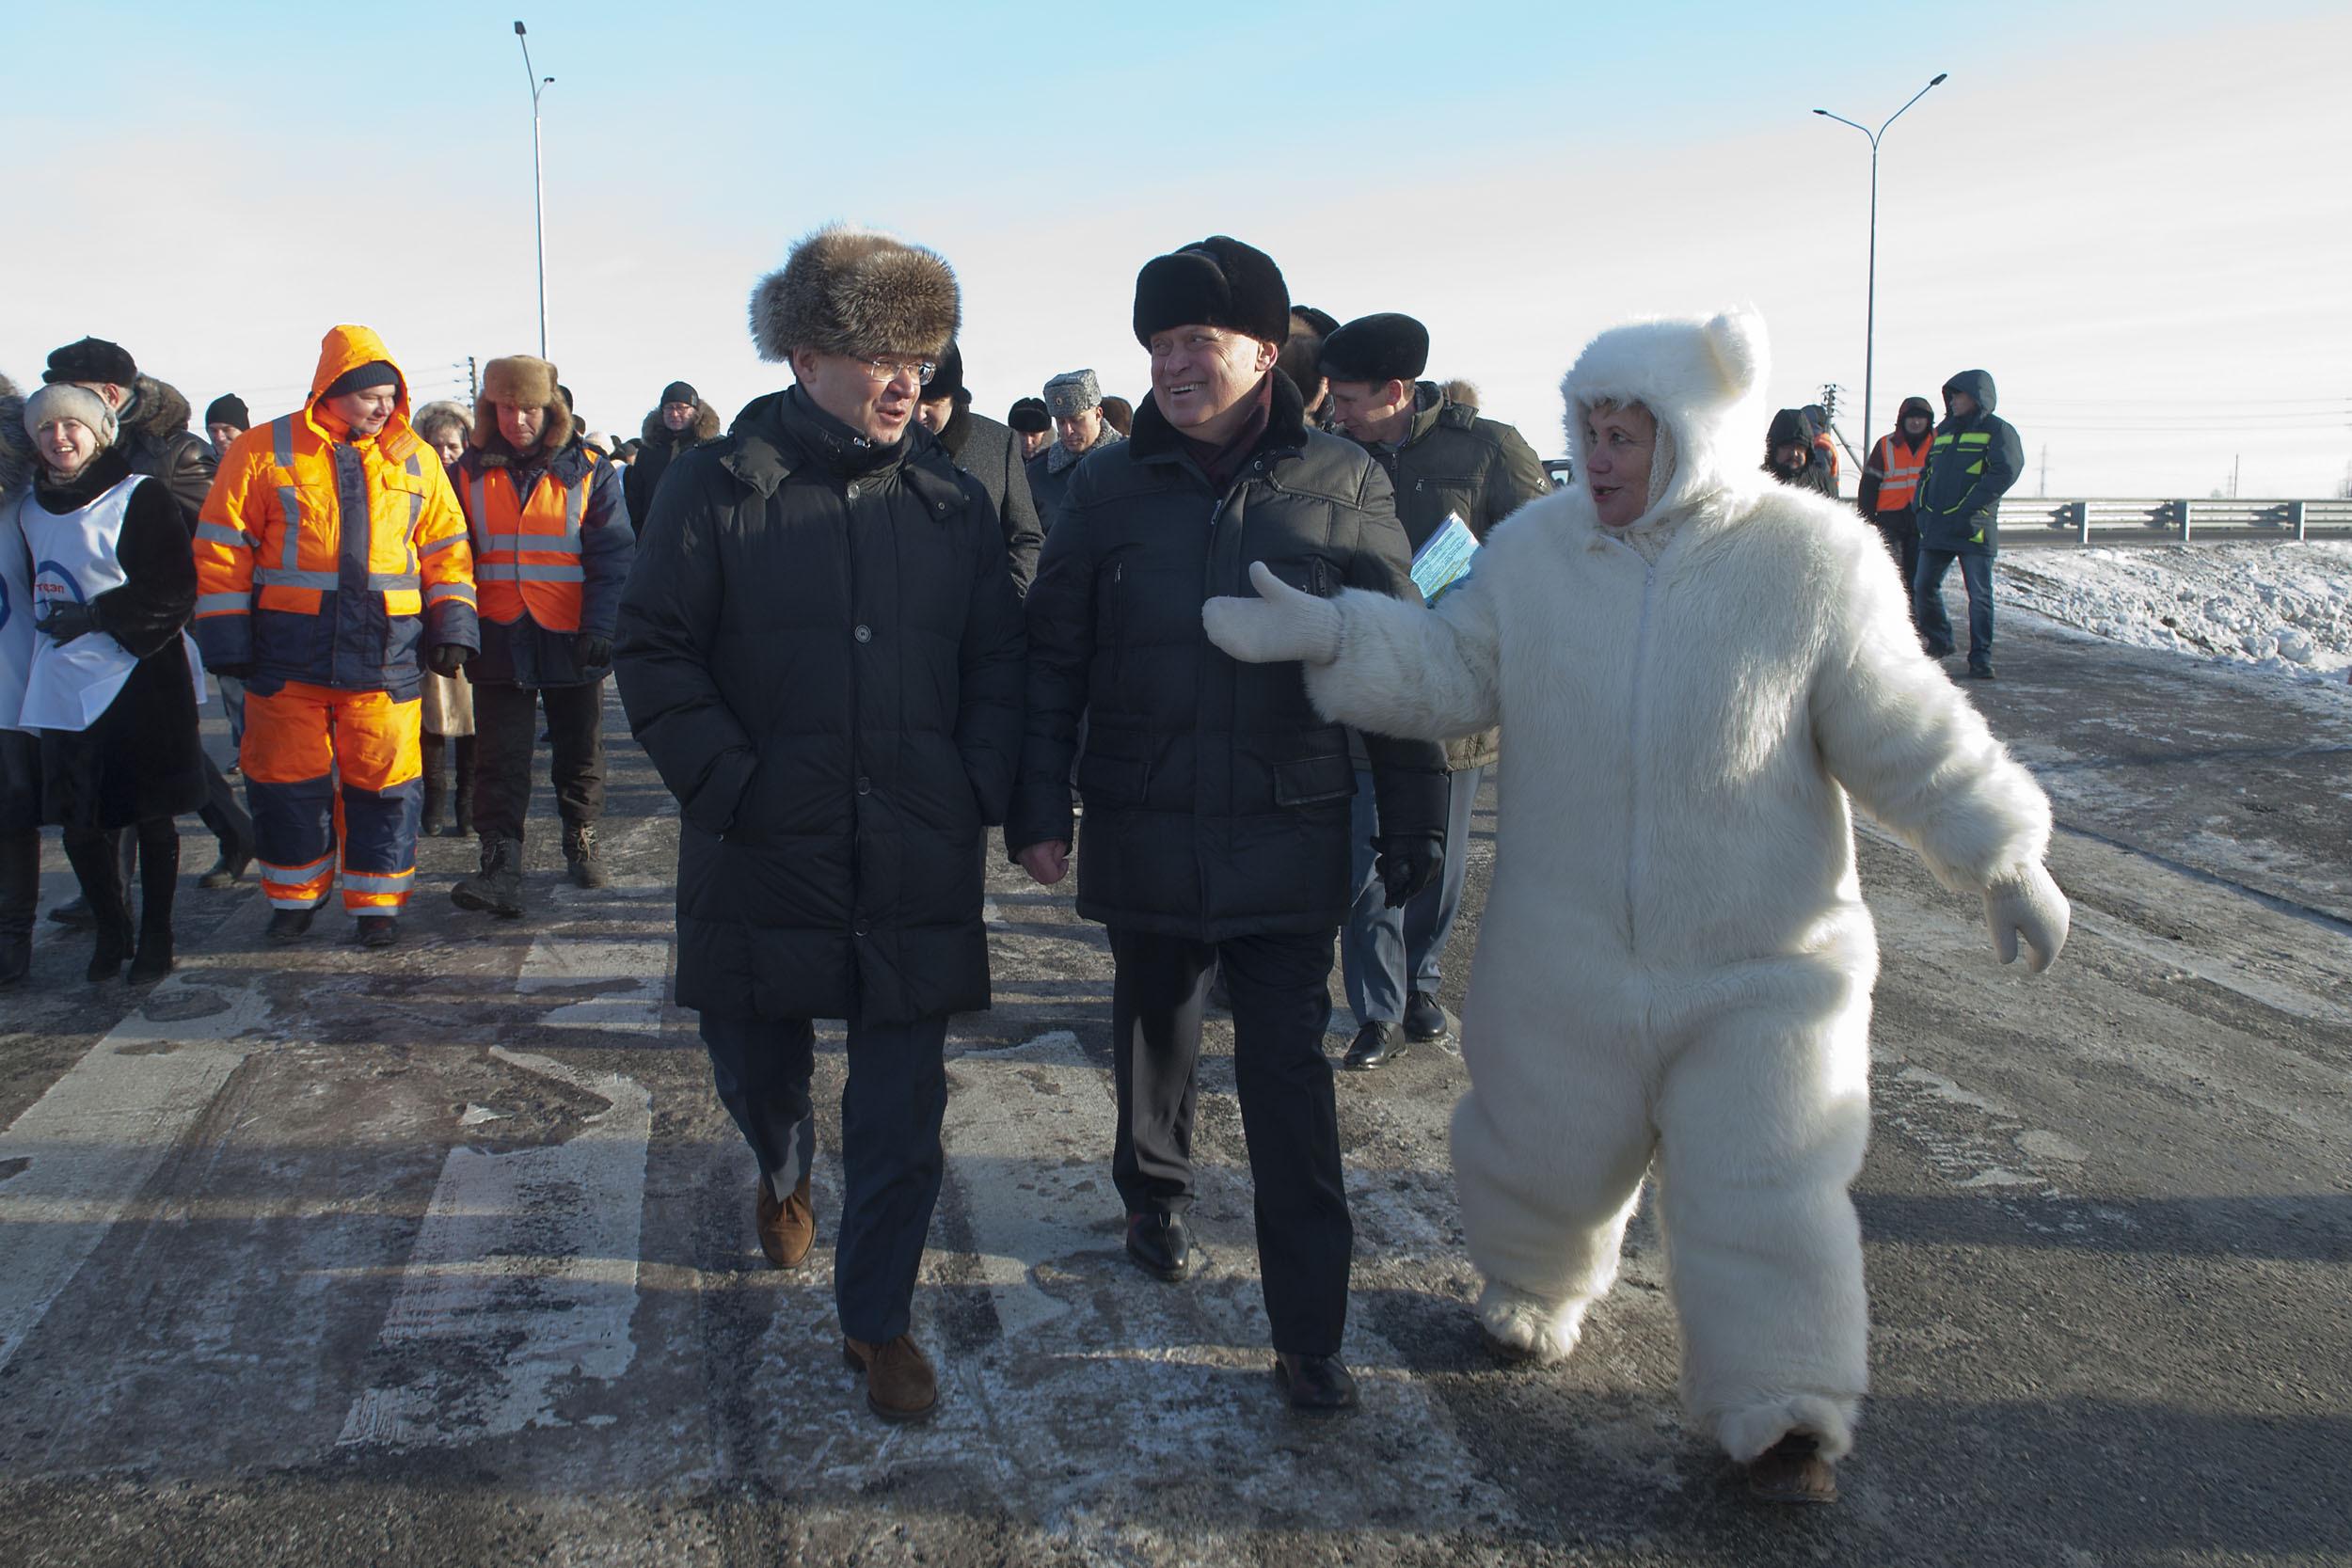 Тюменский депутат Альбина Селезнева, которая пришла на открытие дороги в костюме медведя, вызвало резонанс в Интернете. Фото: admtyumen.ru.